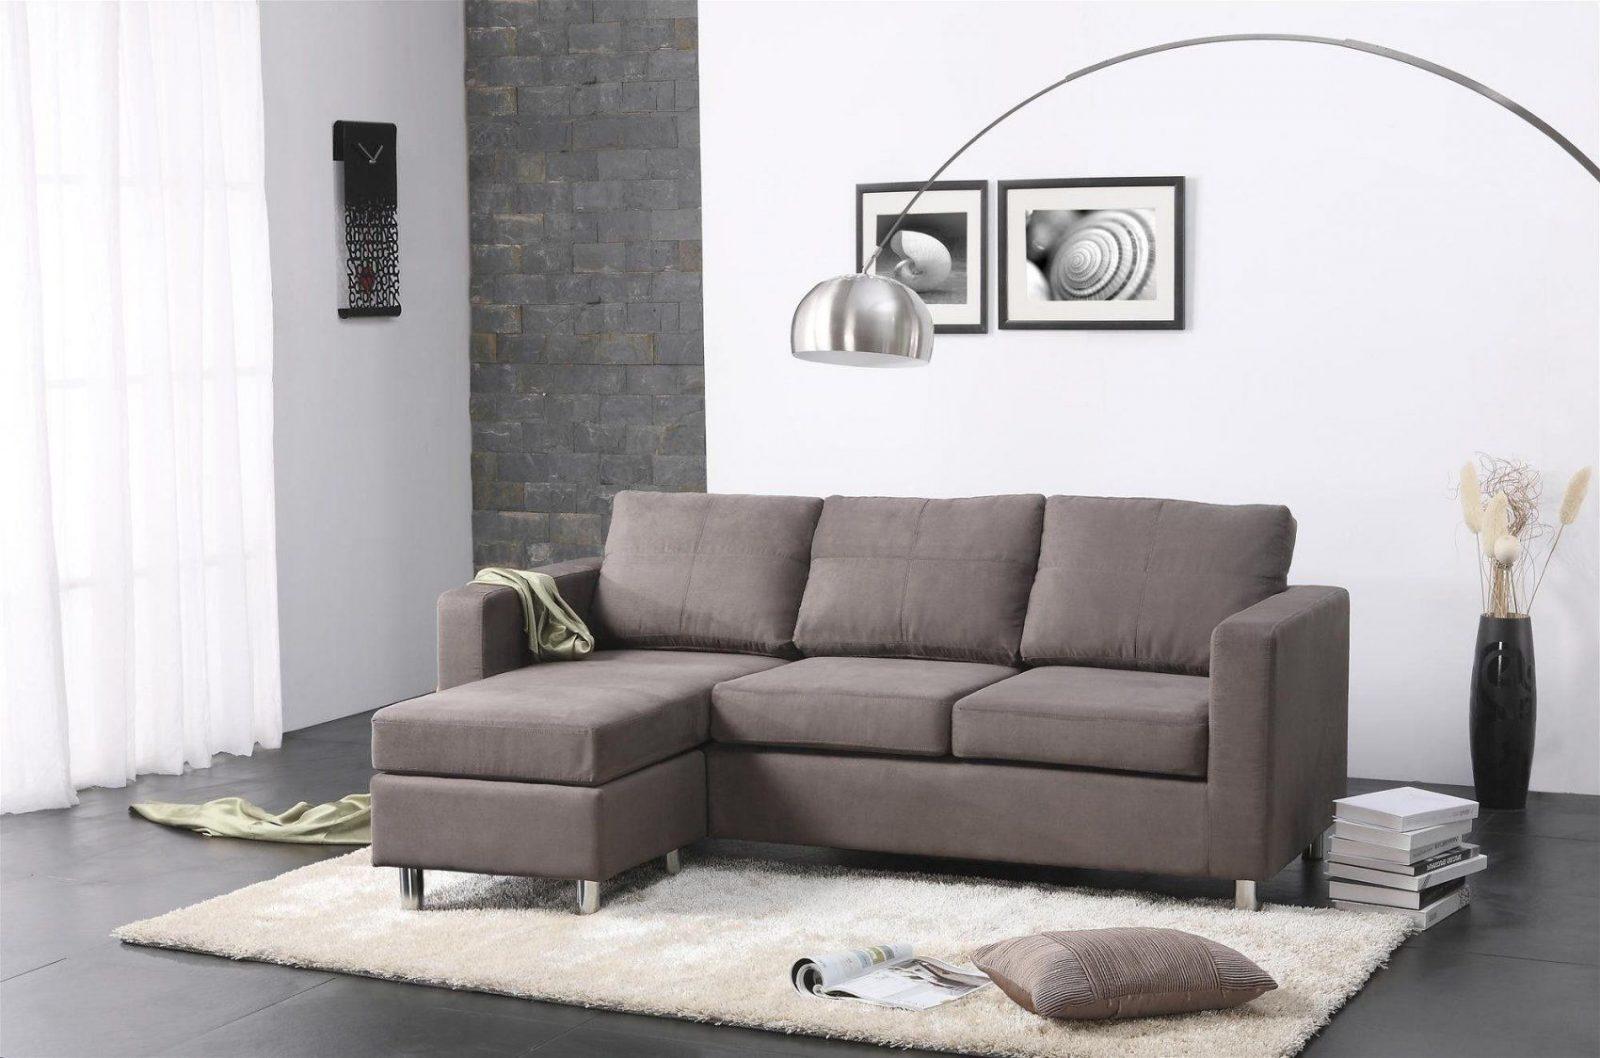 Opulente Couch Ideen Für Kleine Wohnzimmer Exquisite Dekoration Für